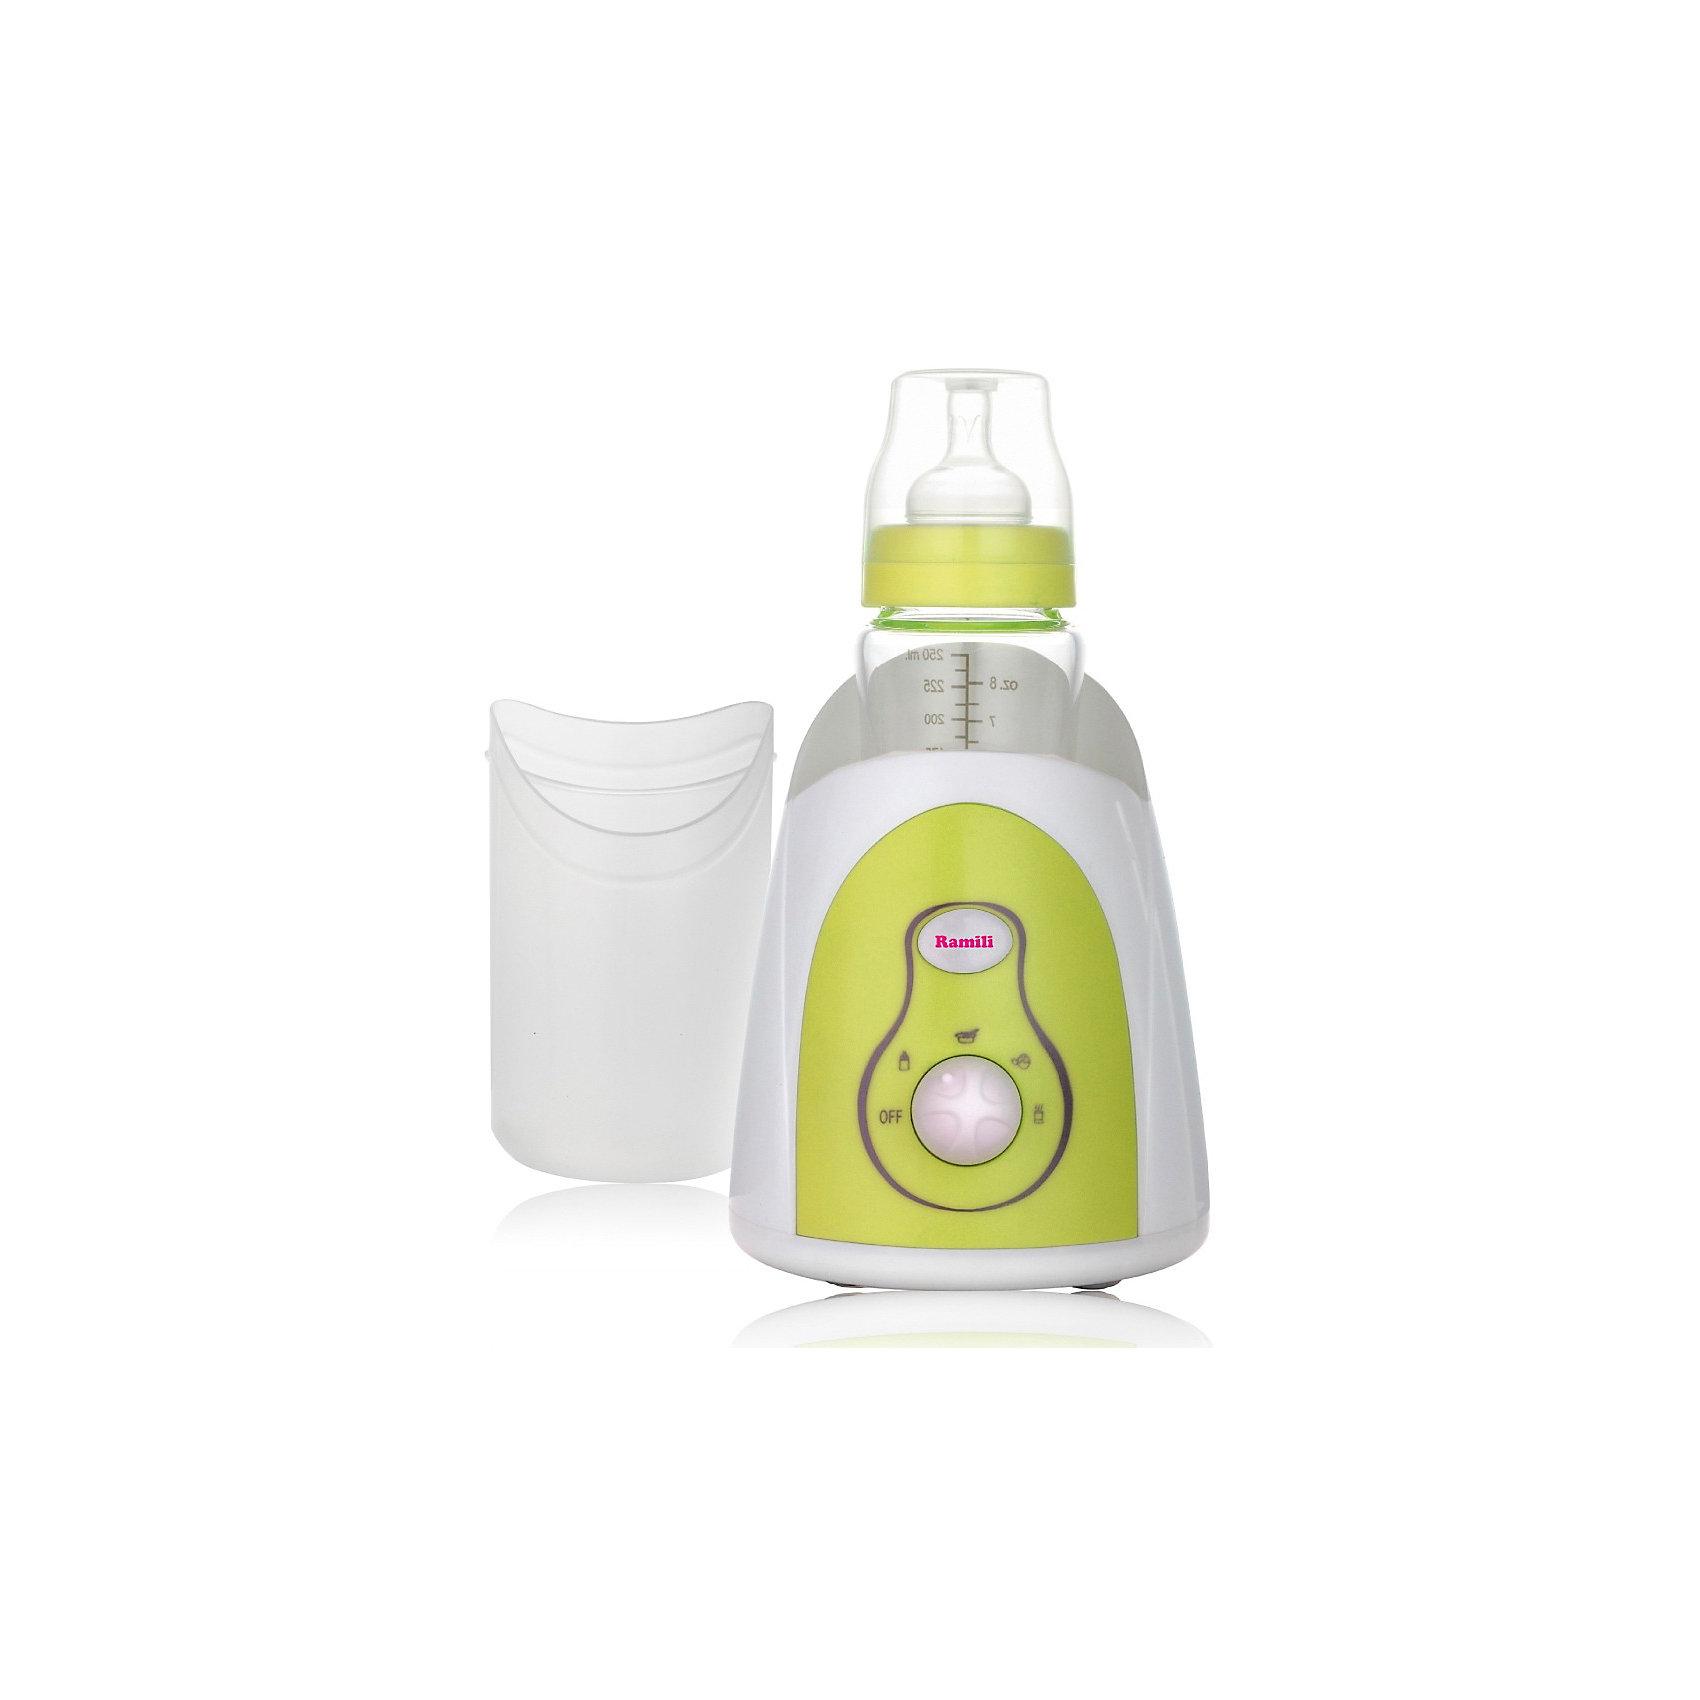 Подогреватель детского питания Ramili BFW150, 3 в 1Детская бытовая техника<br>Многофункциональный подогреватель детского питания Ramili<br><br>Мультифункциональный подогреватель для бутылочек и баночек детского питания Ramili Baby Bottle Warmer BFW150.<br>Подходит для всех видов бутылочек и баночек.<br>Функция подогрева молока.<br>Функция подогрева детского питания.<br>Приготовление еды, например, рисовой кашки.<br>Подогрев яиц.<br>Паровой мини-стерилизатор.<br>Функция поддержания постоянной температуры.<br>Точный контроль температуры.<br>Для каждой функции предусмотрена отдельная позиция на шкале термостата.<br>Подогреватель детских бутылочек прост в использовании.<br>Дополнительная насадка для приготовления (выжимки) сока. Сок можно сразу же, слегка подогреть.<br><br>Подогреватель для бутылочек и баночек детского питания Ramili Baby Bottle Warmer BFW150 изготовлен Английской компанией Ramili Group, UK.<br><br>Подогреватель, кроме основной функции - подогрева молока в бутылочке, обладает набором дополнительных возможностей, которые, совершенно точно, окажутся полезными для каждой заботливой мамы. С помощью подогревателя детских бутылочек вы можете еще и приготовить кашку для малыша, благодаря тому, что подогреватель может поддерживать постоянную температуру. Вы можете подогреть яйца для ребенка, для этого на шкале термостата даже предусмотрена отдельная позиция. С помощью удобной специально предусмотренной функции есть возможность паровой стерилизации детской бутылочки. <br><br>Многофункциональный подогреватель Ramili Baby Bottle Warmer BFW150 подходит для всех форм и видов детских бутылочек и баночек.<br><br>Ширина мм: 250<br>Глубина мм: 250<br>Высота мм: 300<br>Вес г: 1500<br>Возраст от месяцев: 0<br>Возраст до месяцев: 36<br>Пол: Унисекс<br>Возраст: Детский<br>SKU: 3322049